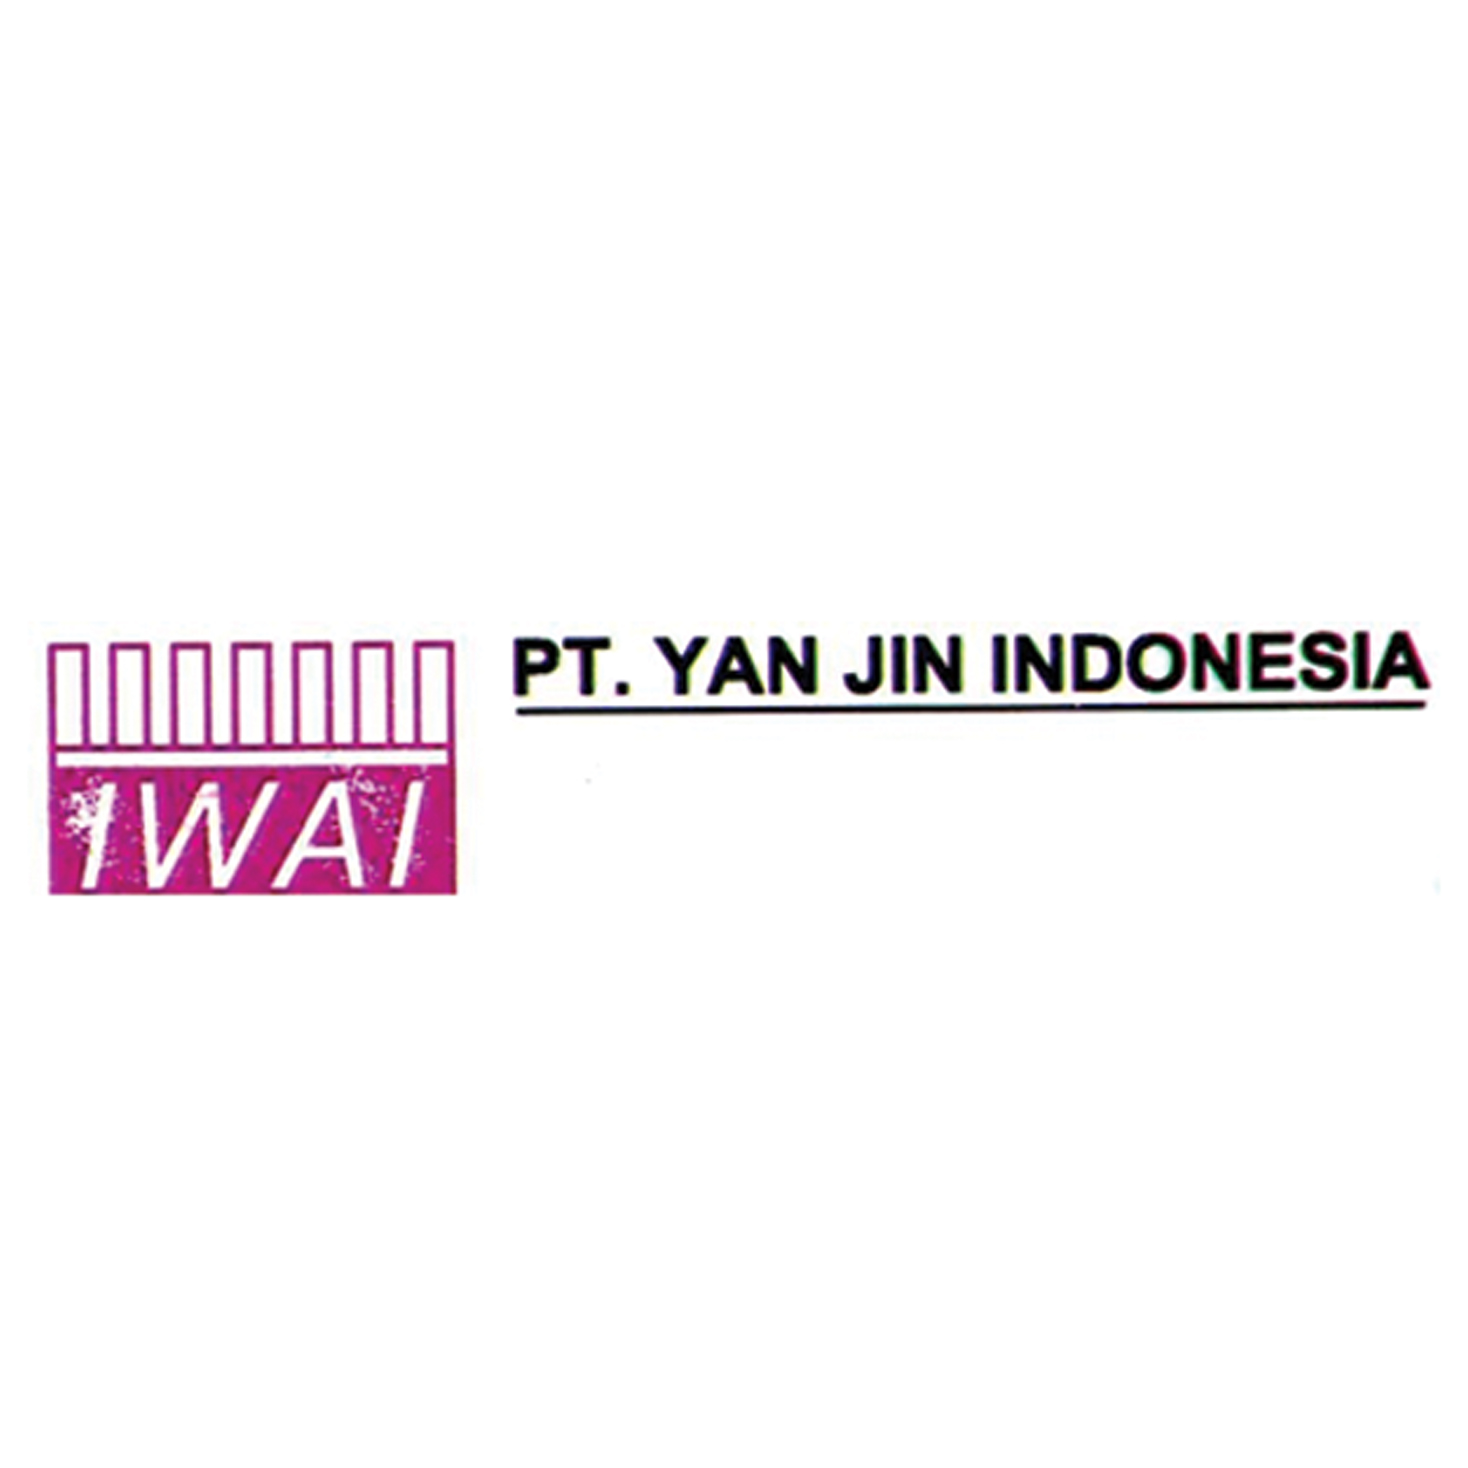 Lowongan Kerja Via Pos Operator Produksi PT. YAN-JIN INDONESIA